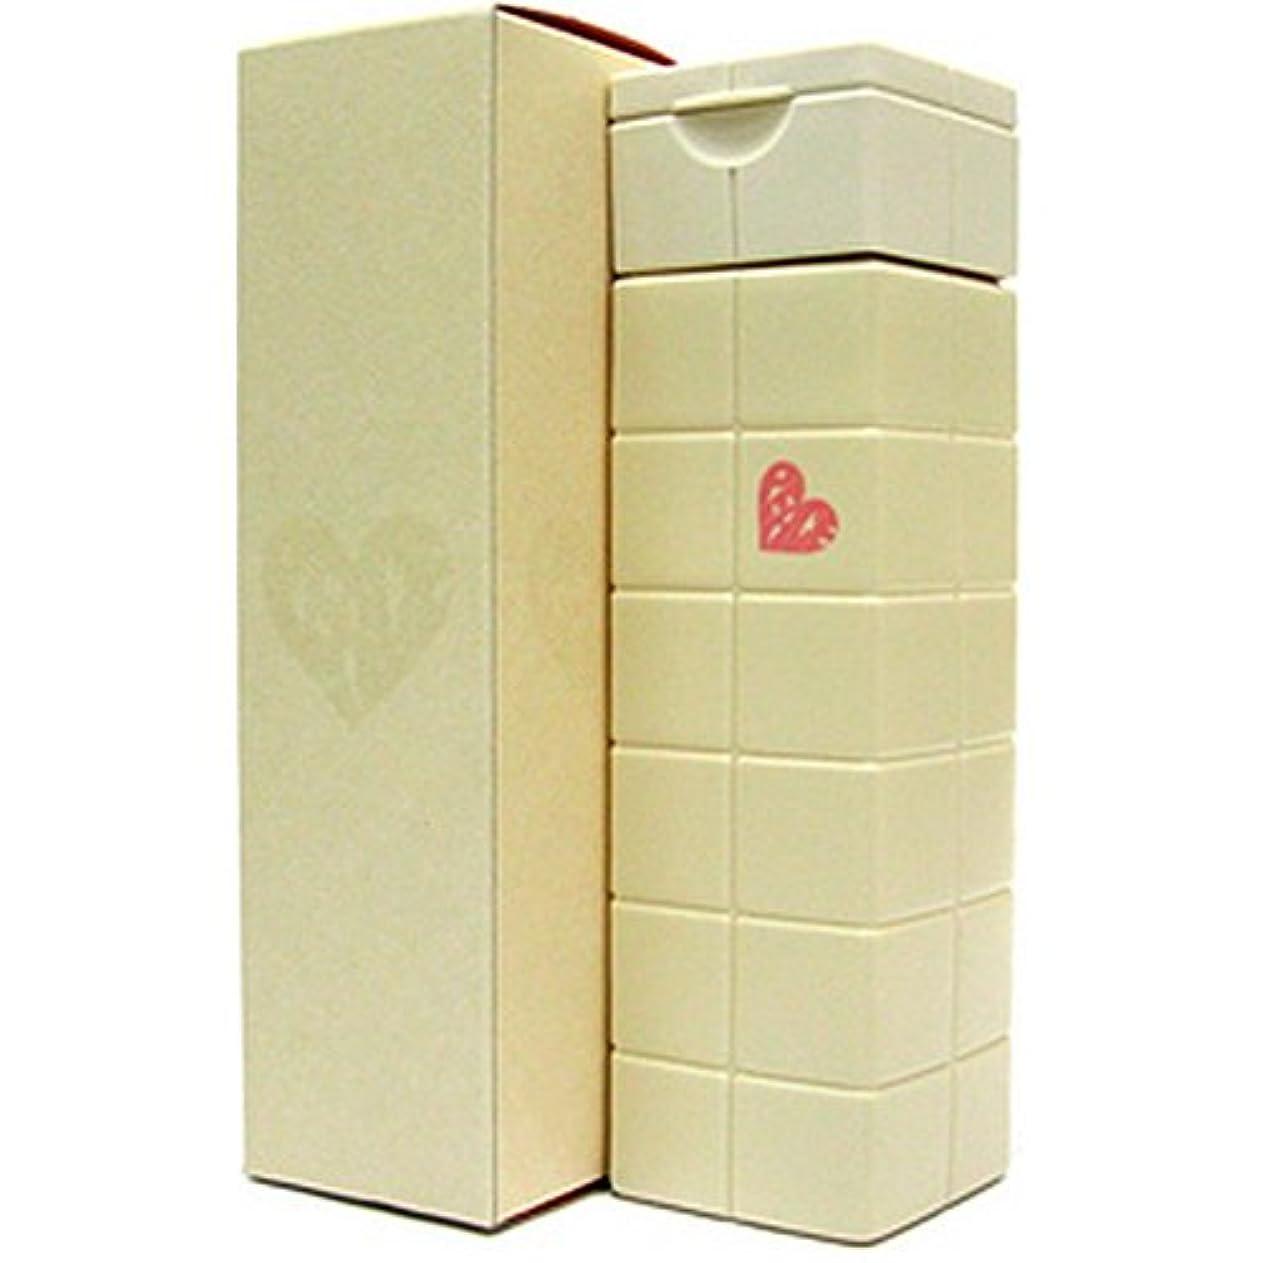 マトリックス叙情的な取るアリミノ ピース モイストmilk ミルク(バニラ) 200ml